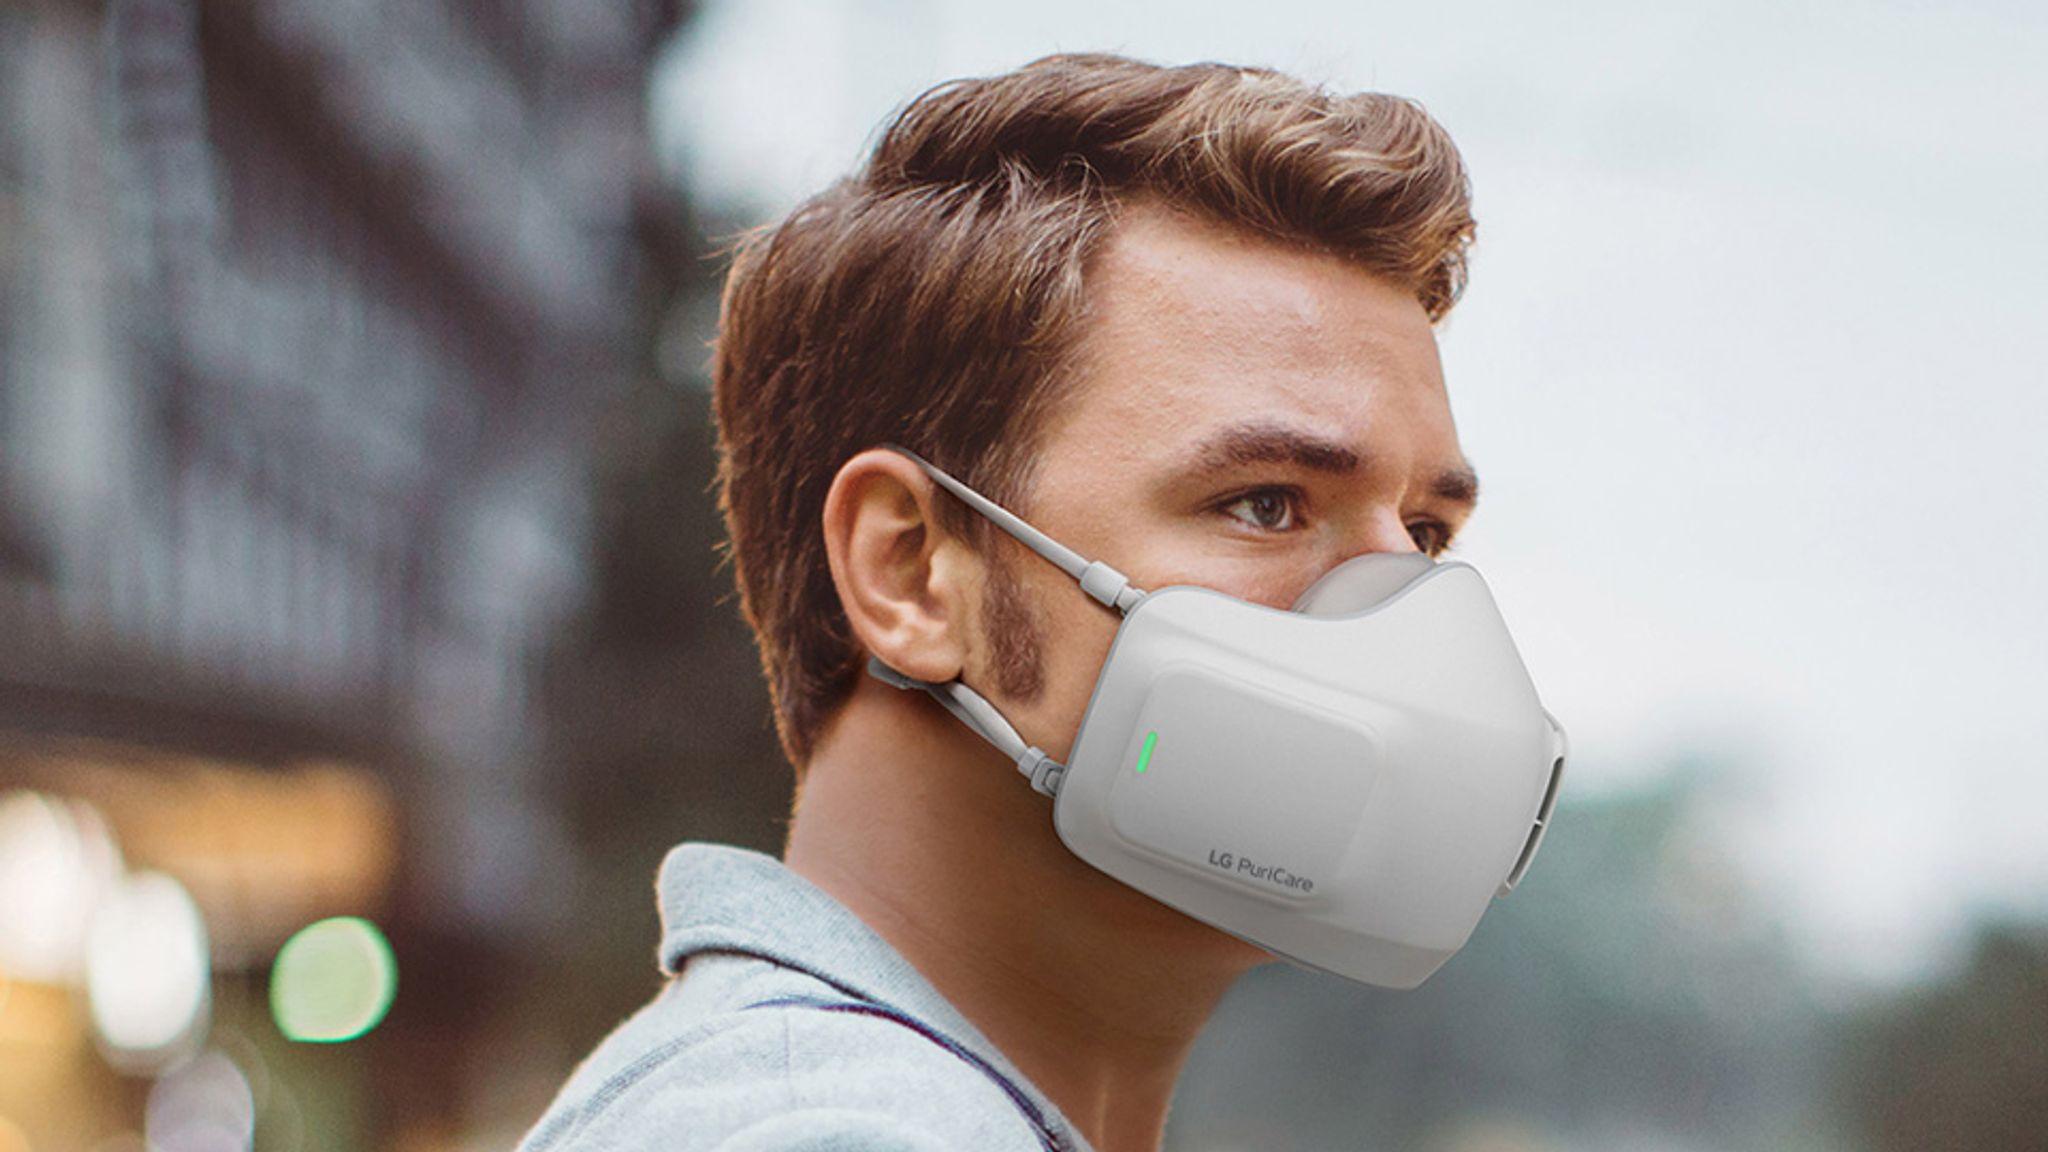 شركة LG تكشف عن قناع وجه جديد يعمل بالبطارية لتنقية الهواء